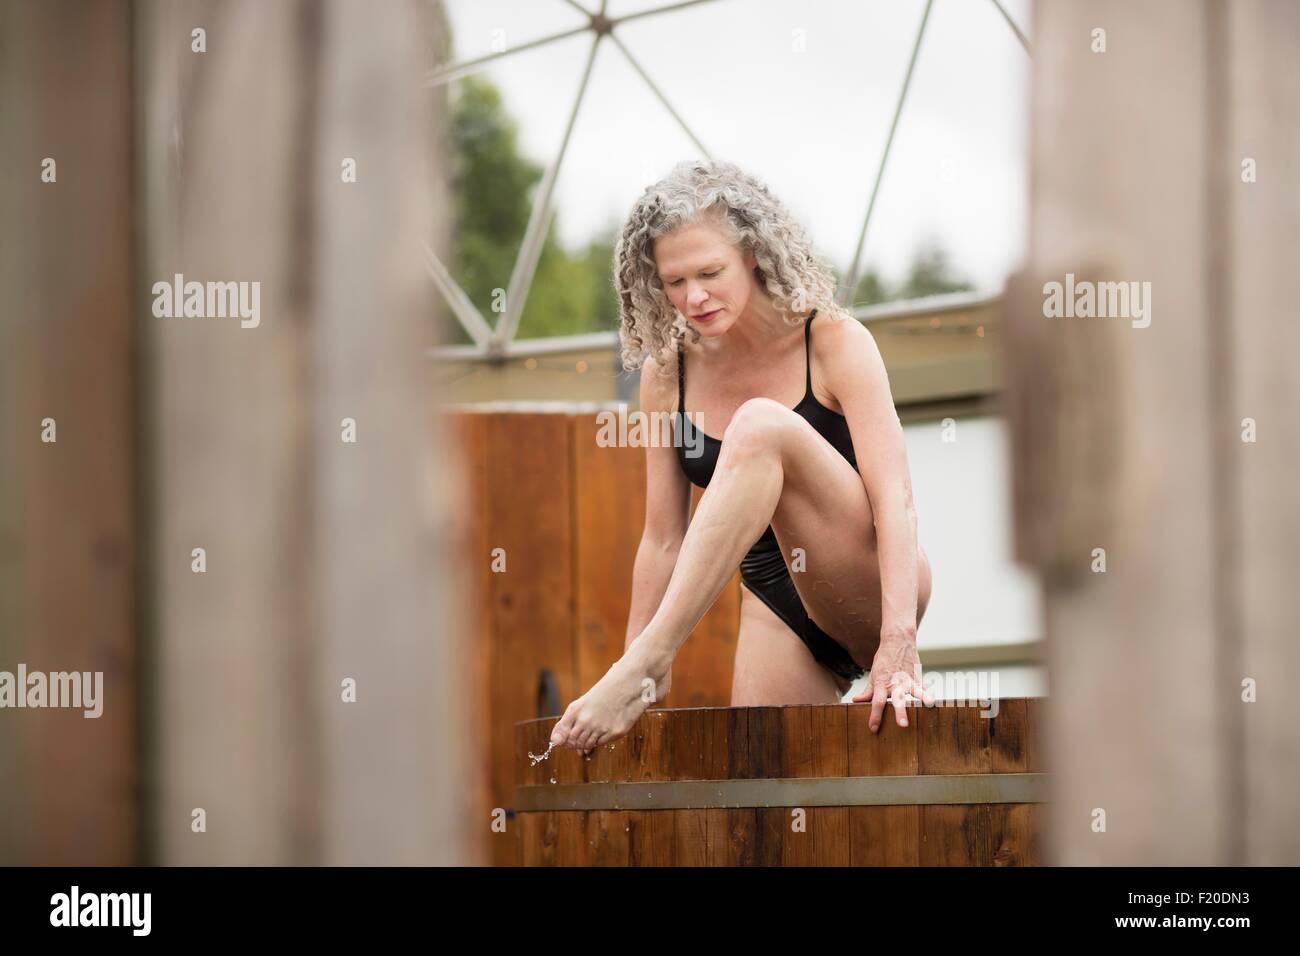 Femme mature sortant de bain à remous de l''eco retreat Photo Stock